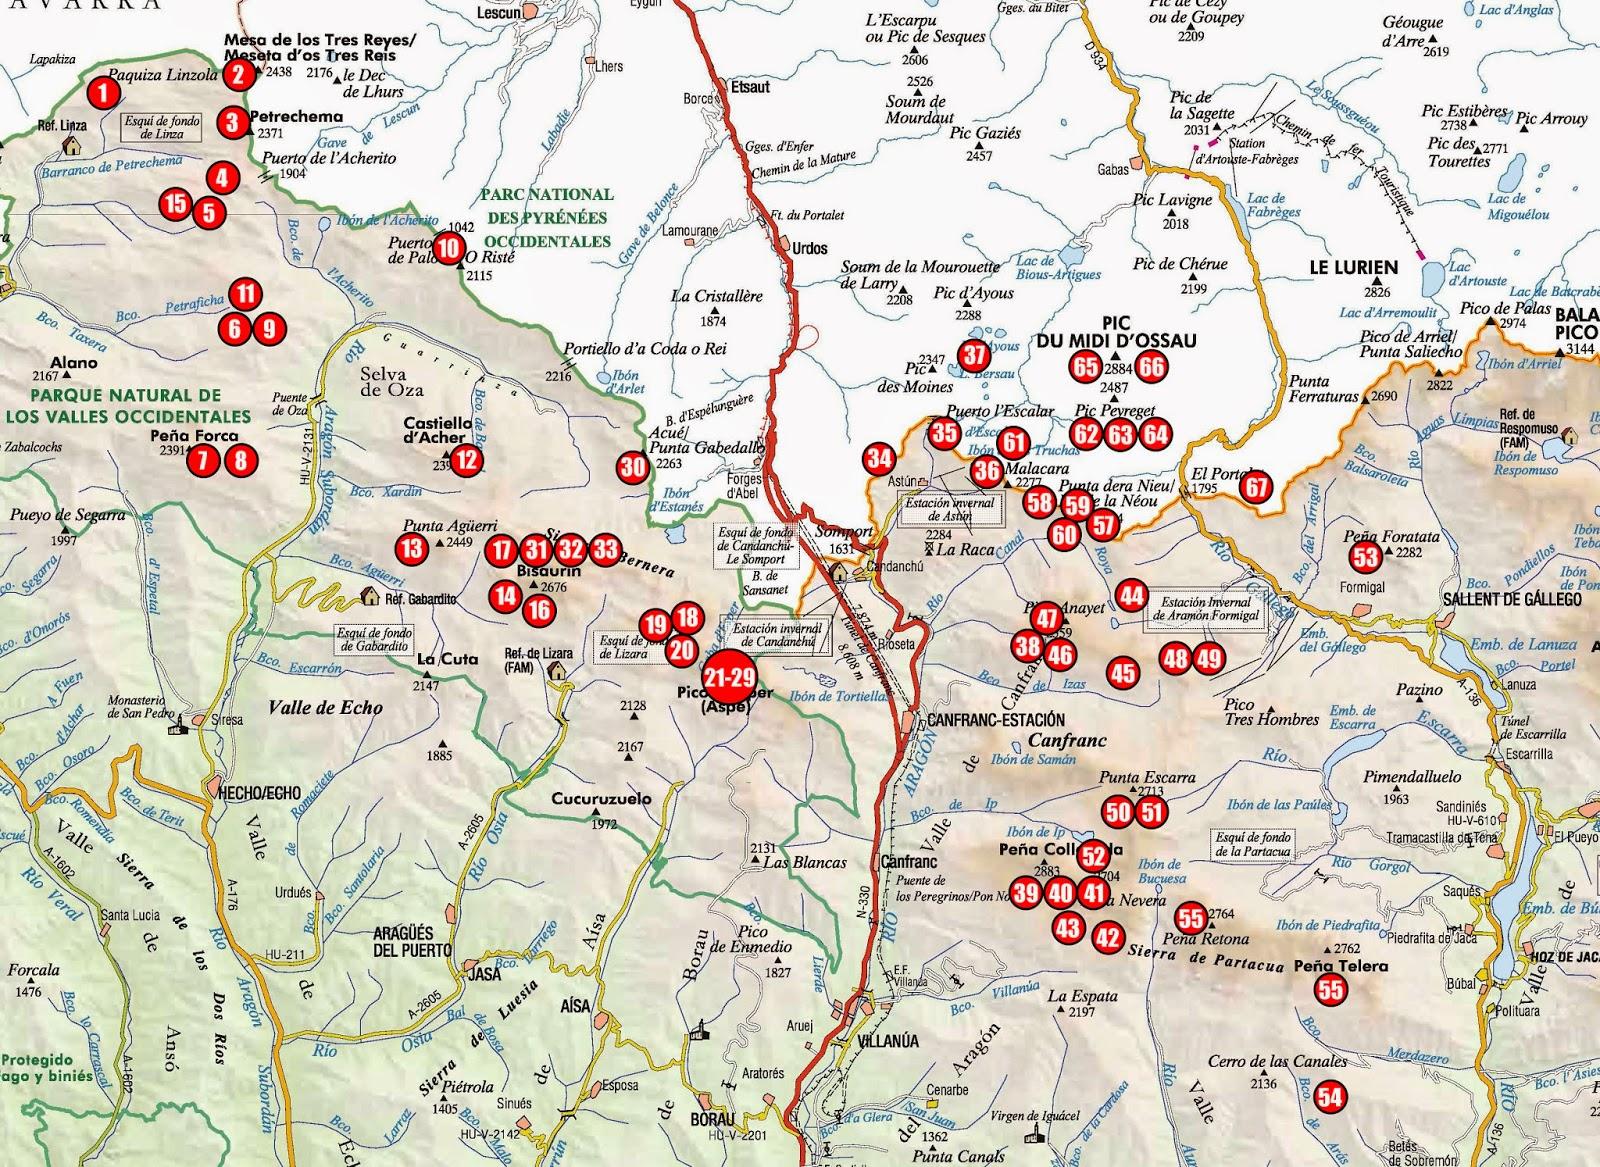 Mapa De Los Pirineos.La Meteo Que Viene Rutas Con Esquis Pirineo Aragones Mapa